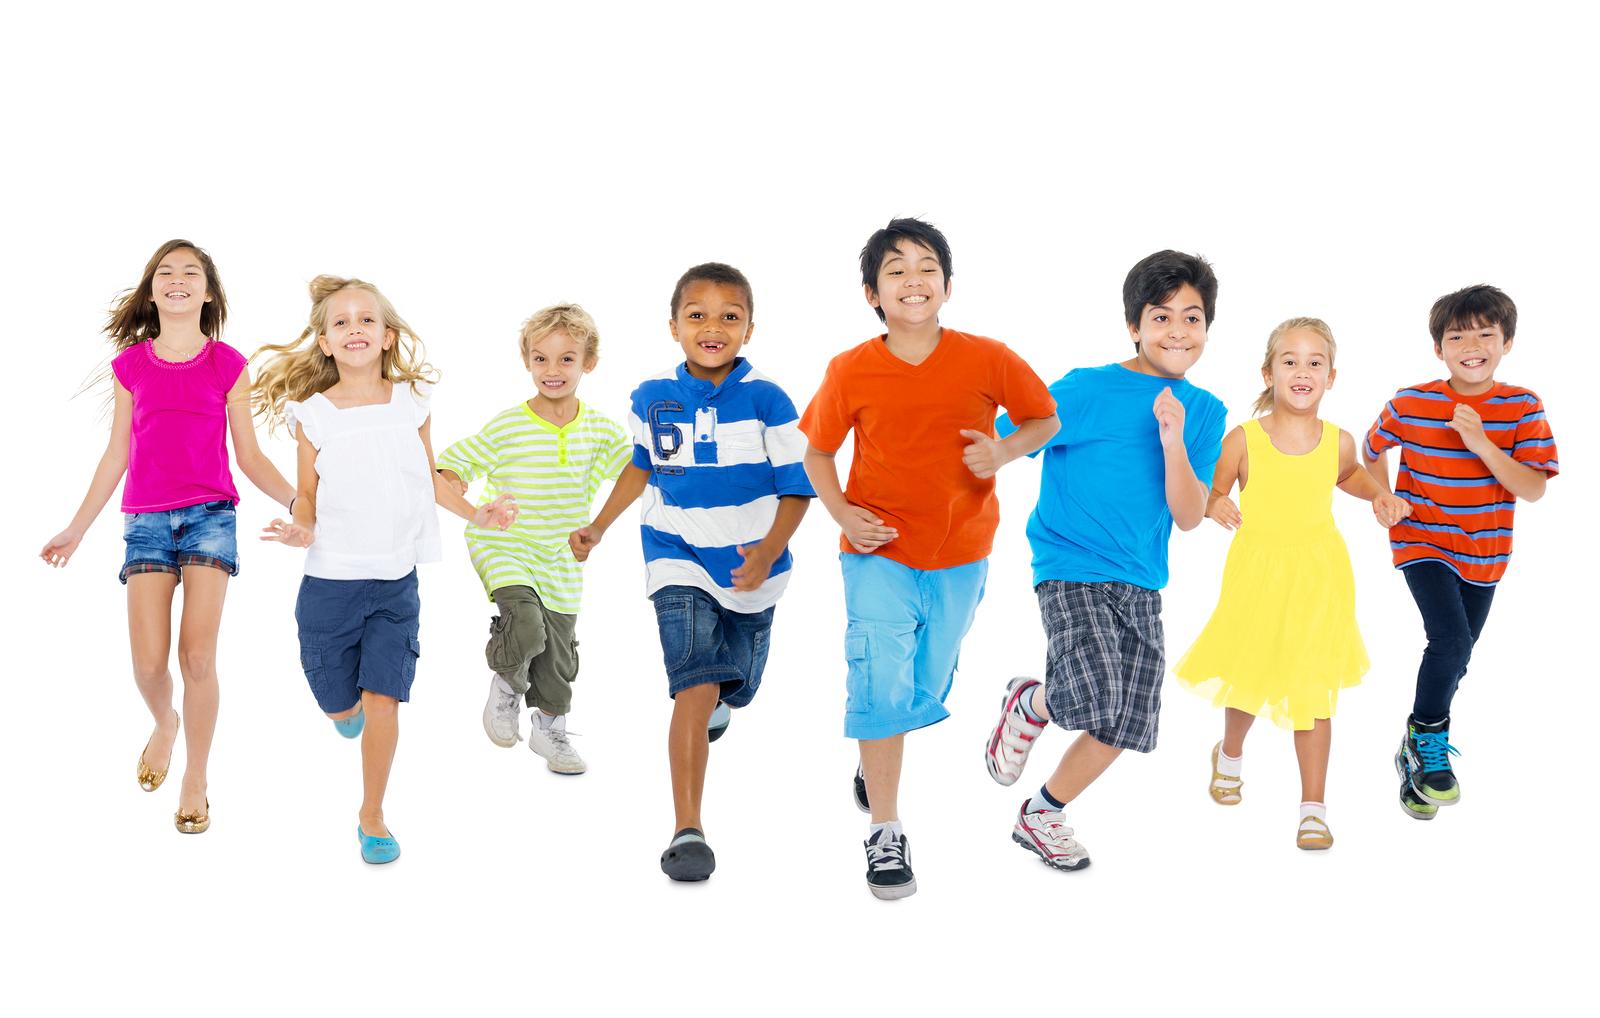 kind 8 jaar denken, durven, doen   Hoogbegaafd kind opvoeden   IeKu kind 8 jaar